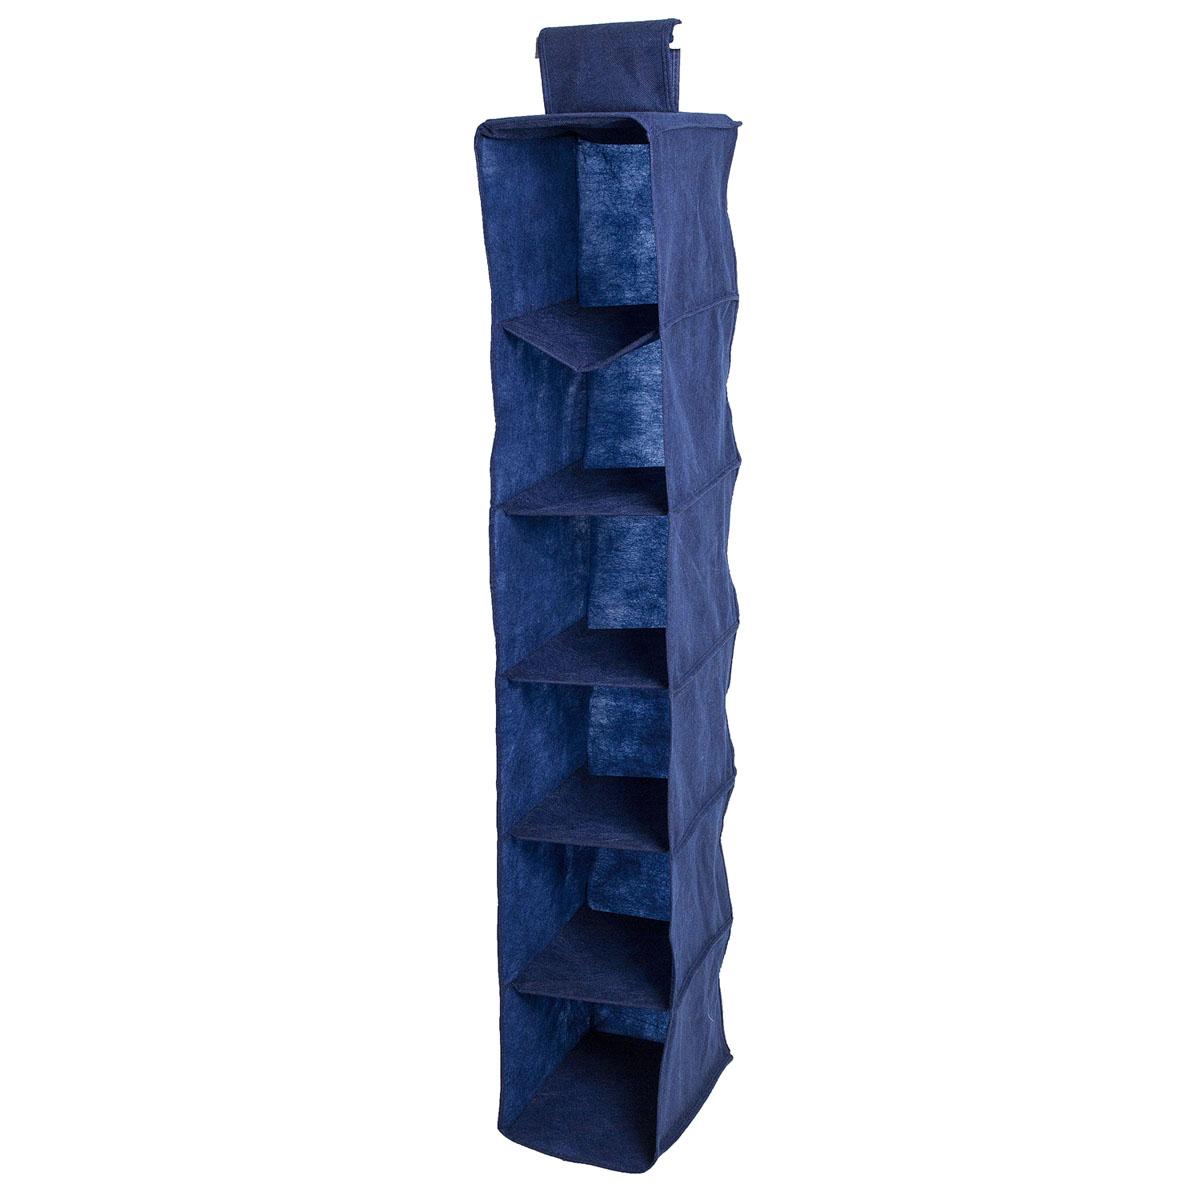 Органайзер подвесной Homsu Bluе Sky, 6 полок, 30 х 20 х 120 смUP210DFПодвесной органайзер Homsu Bluе Sky выполнен из прочного полиэстера - материала, который отличается прочностью, водоотталкивающими свойствами и практичностью. Изделие имеет 6 полок для хранения различных предметов, в том числе одежды, детских игрушек. Органайзер подвешивается к карнизу, рейлингу, стальным трубам и крепежам с помощью специальной петли. Размер полки: 30 х 20 см.